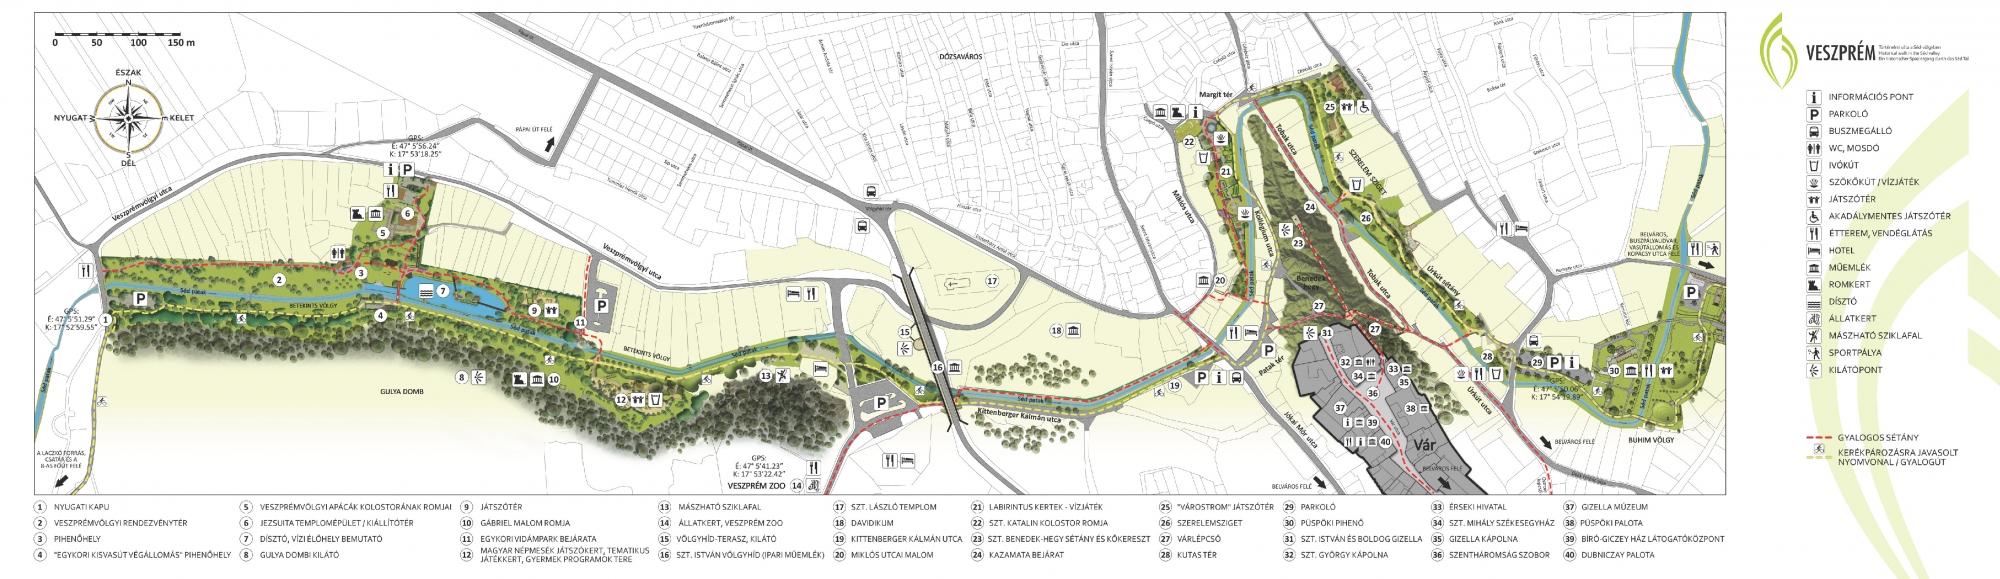 séd patak térkép Kolostorok és kertek – Veszprémvölgy | Belváros Apartman Veszprém